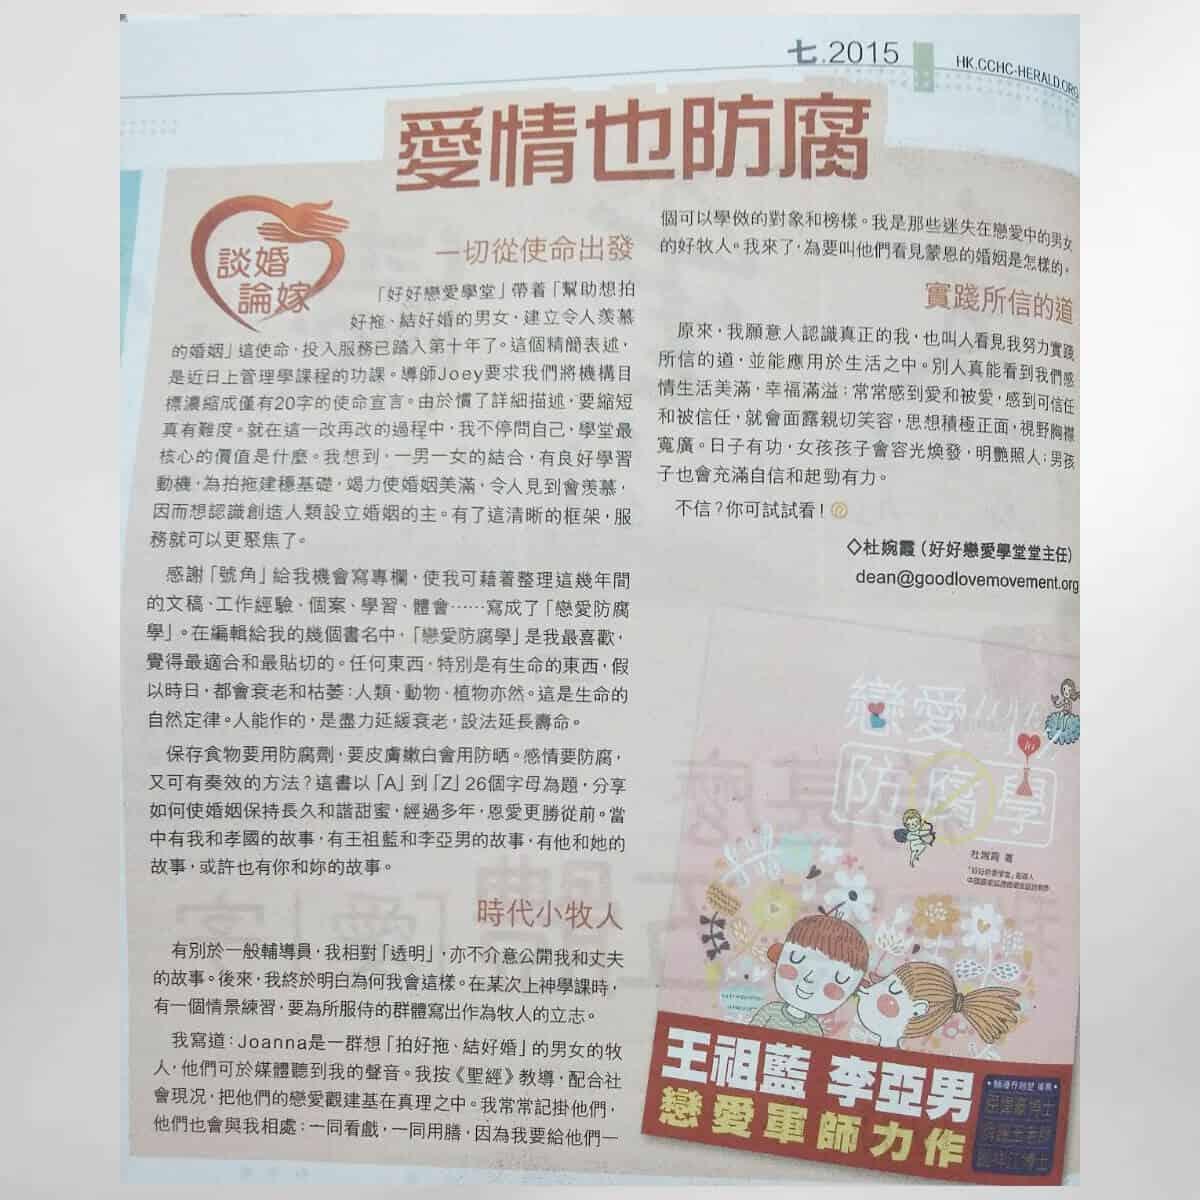 戀愛防腐學-杜婉霞專欄